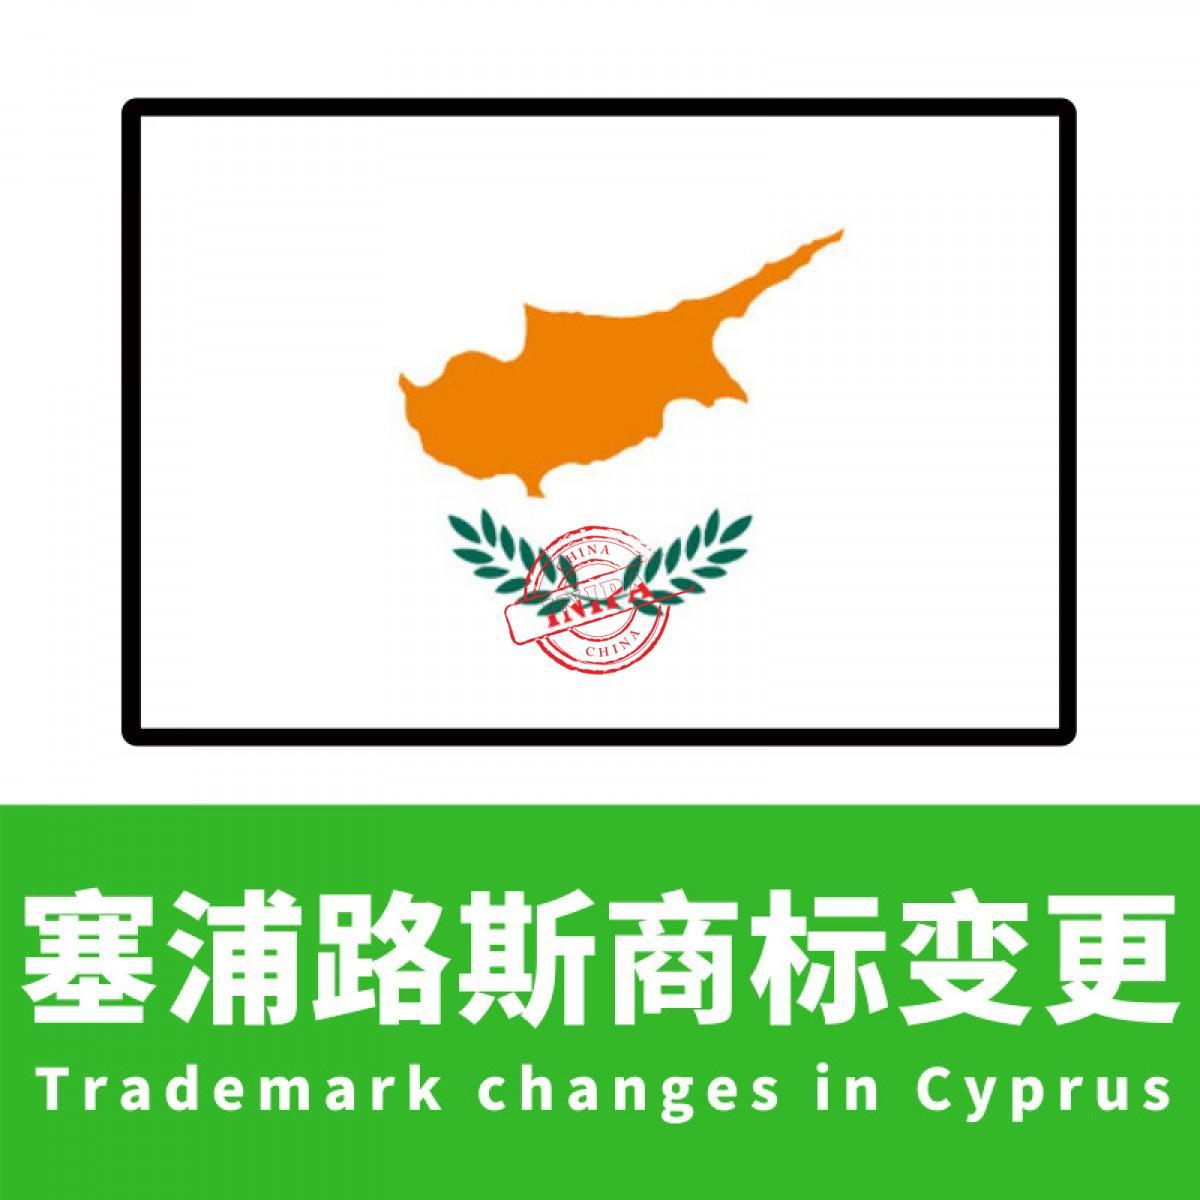 塞浦路斯商标变更/Trademark changes in Cyprus